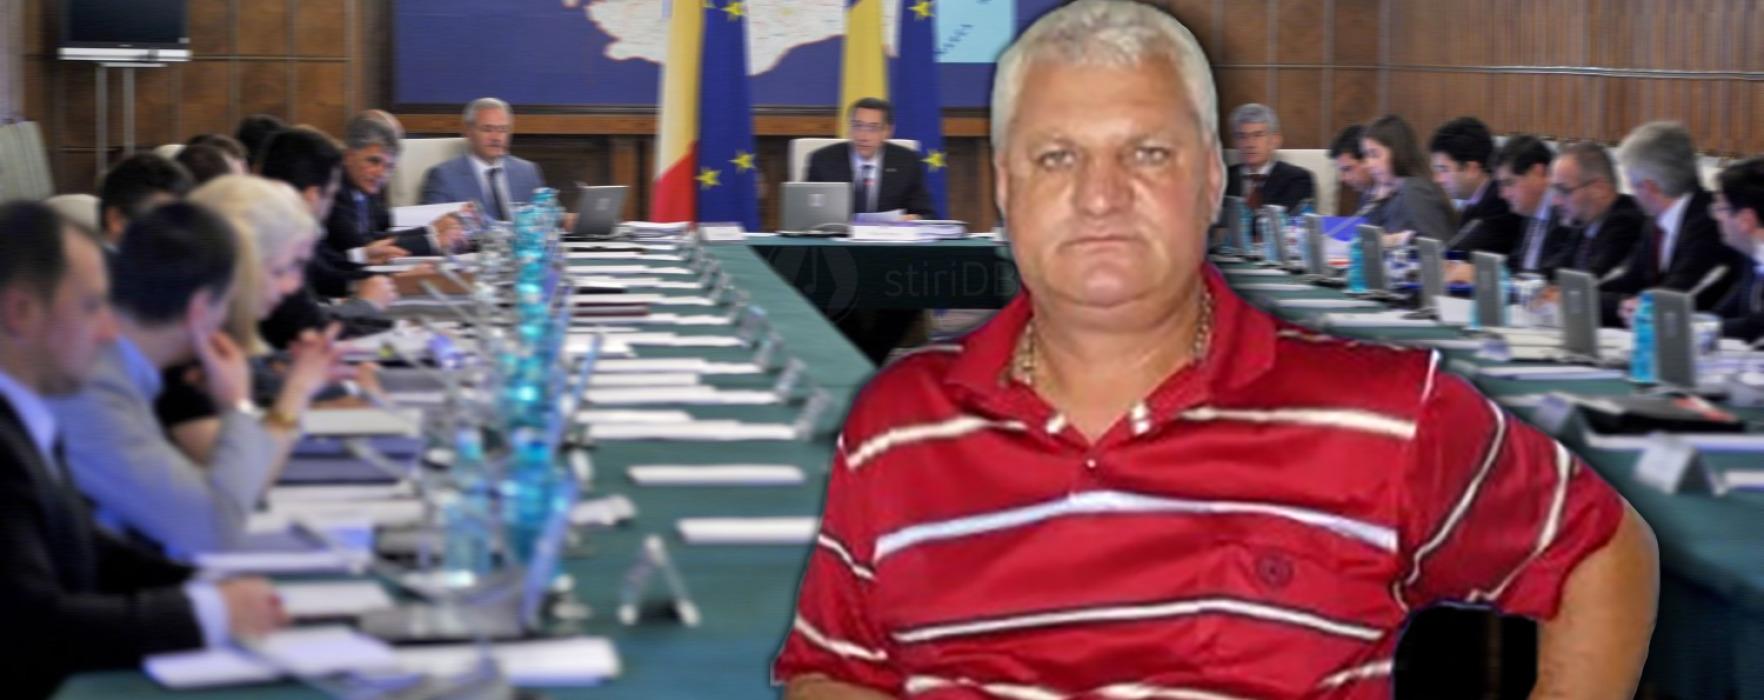 Comuna Ciocăneşti, salvată de la insolvenţă de Guvern